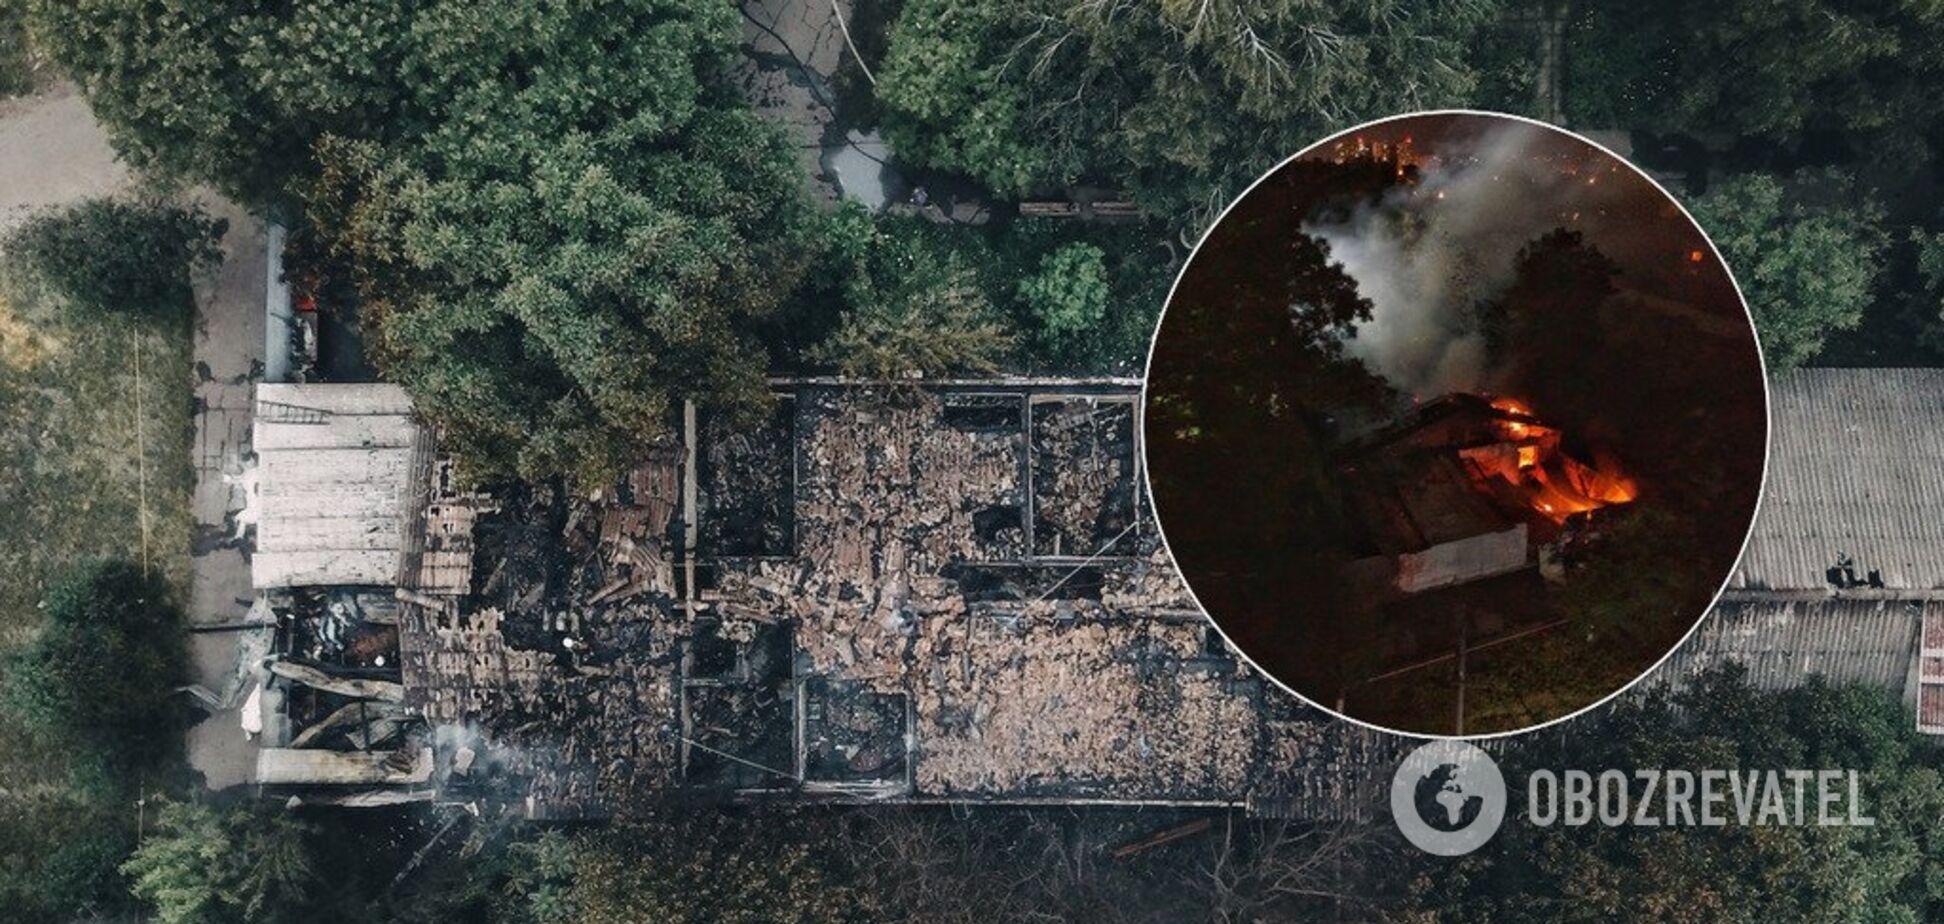 Тела лежали прямо на траве: кто виноват в страшном пожаре в Одессе